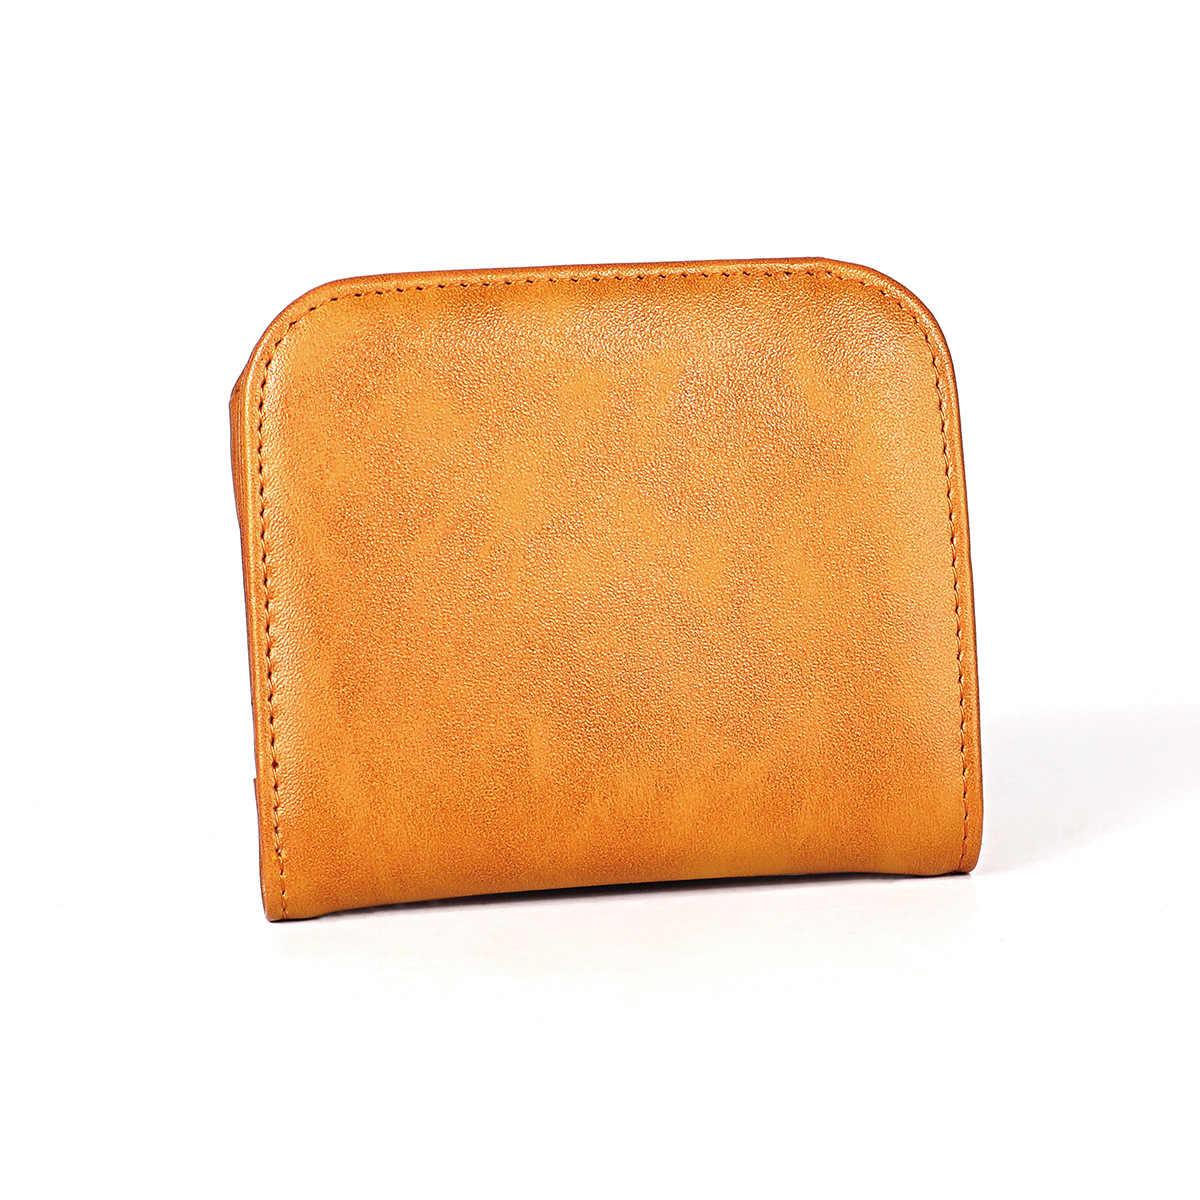 Mini portefeuille en cuir véritable violet pour femmes petit portefeuille de luxe pour femmes porte-carte d'identité en cuir de vache mince pour femmes